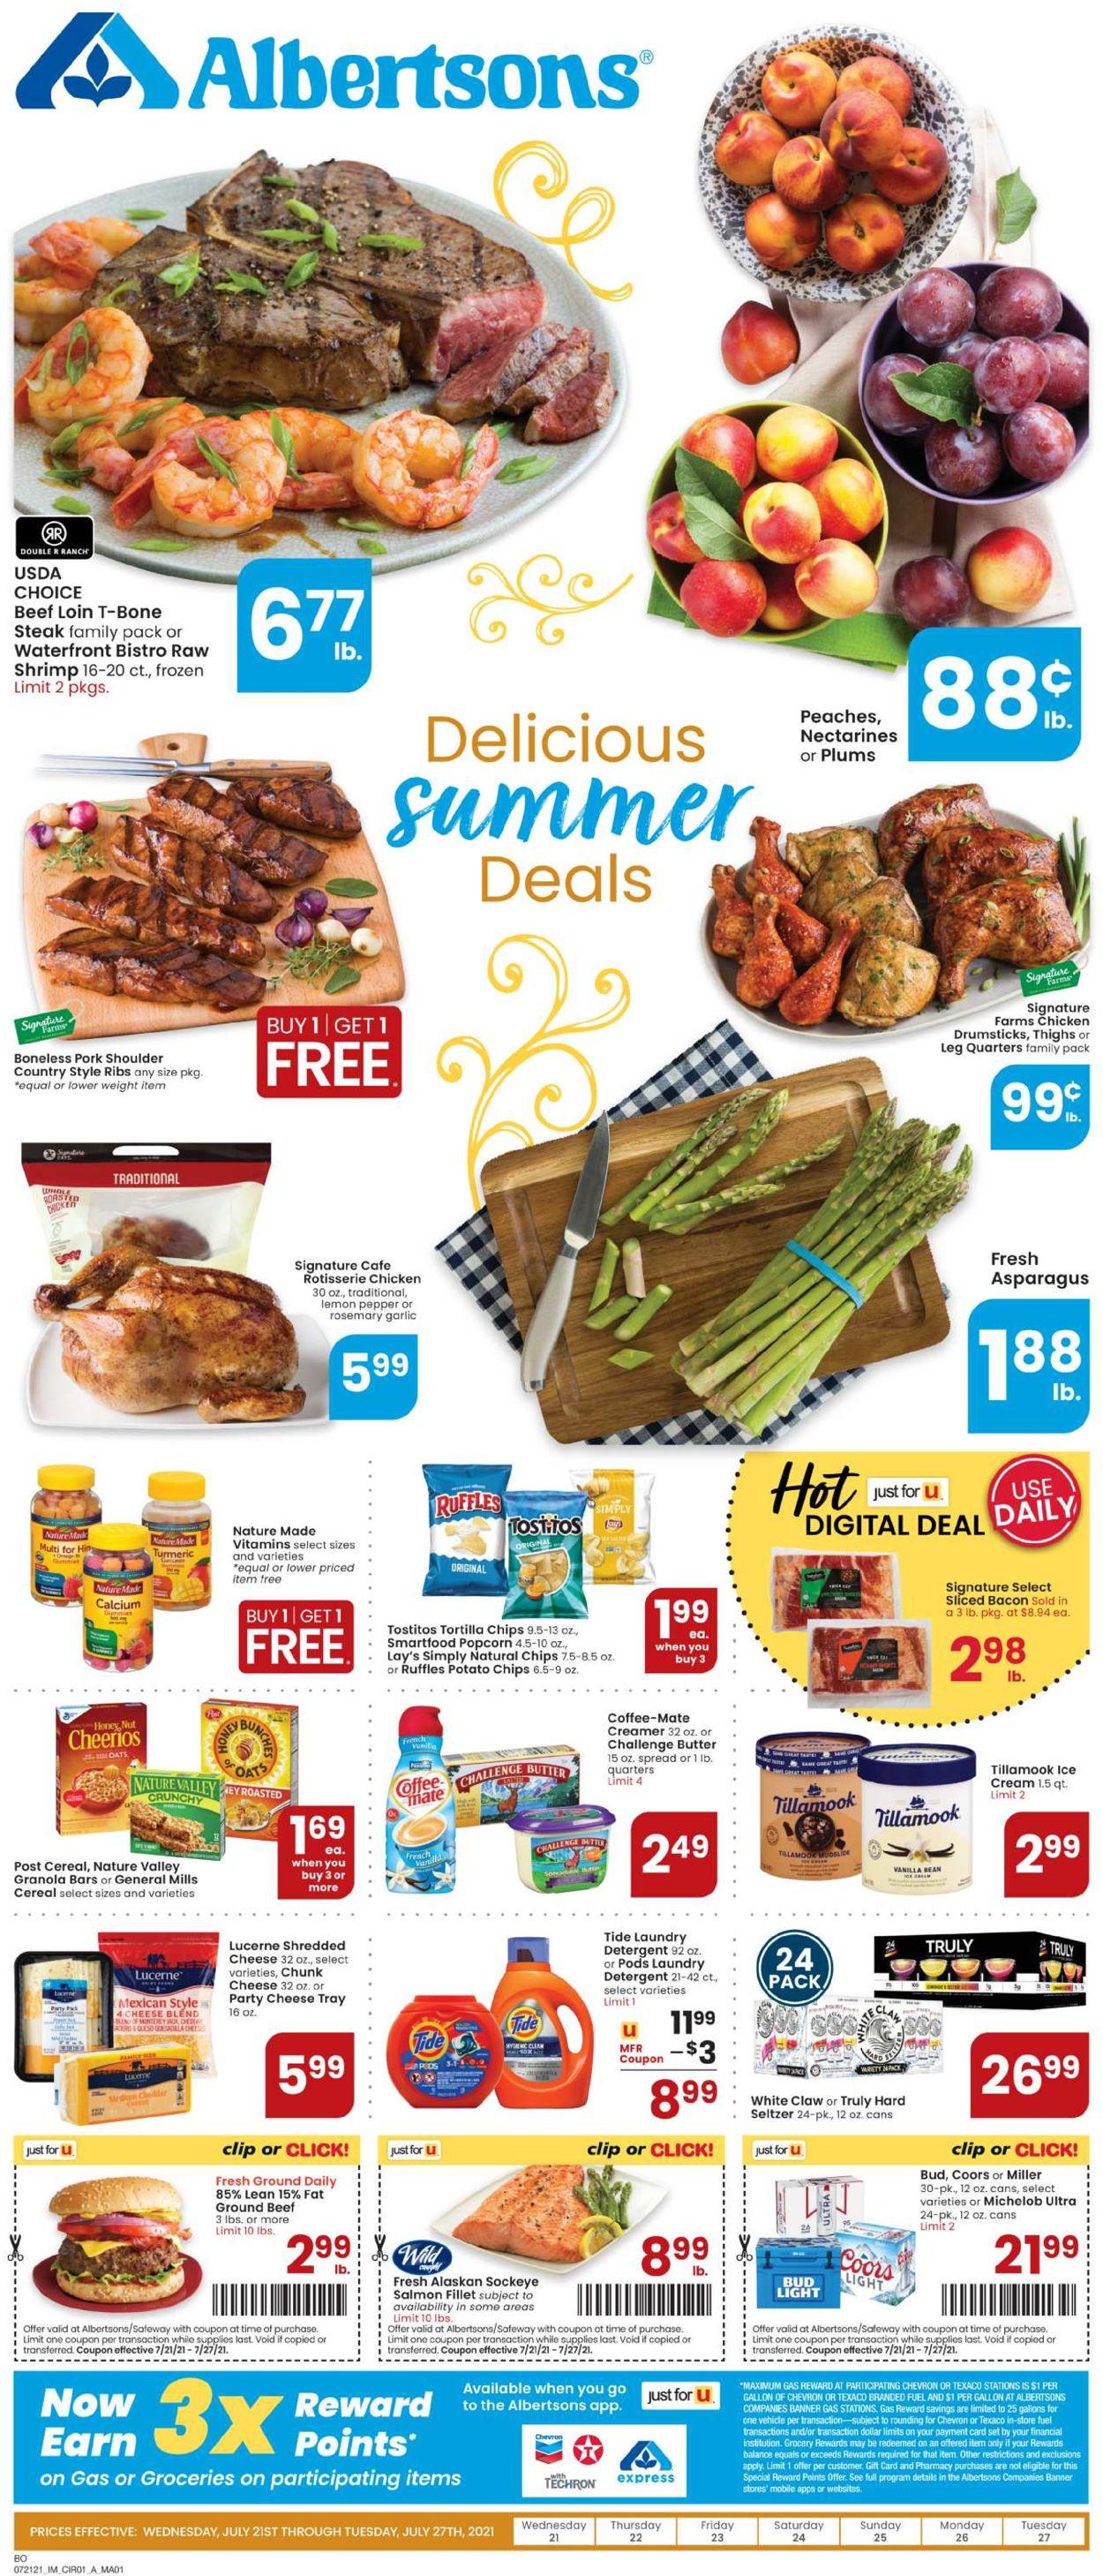 Albertsons Weekly Ad Circular - valid 07/21-07/27/2021